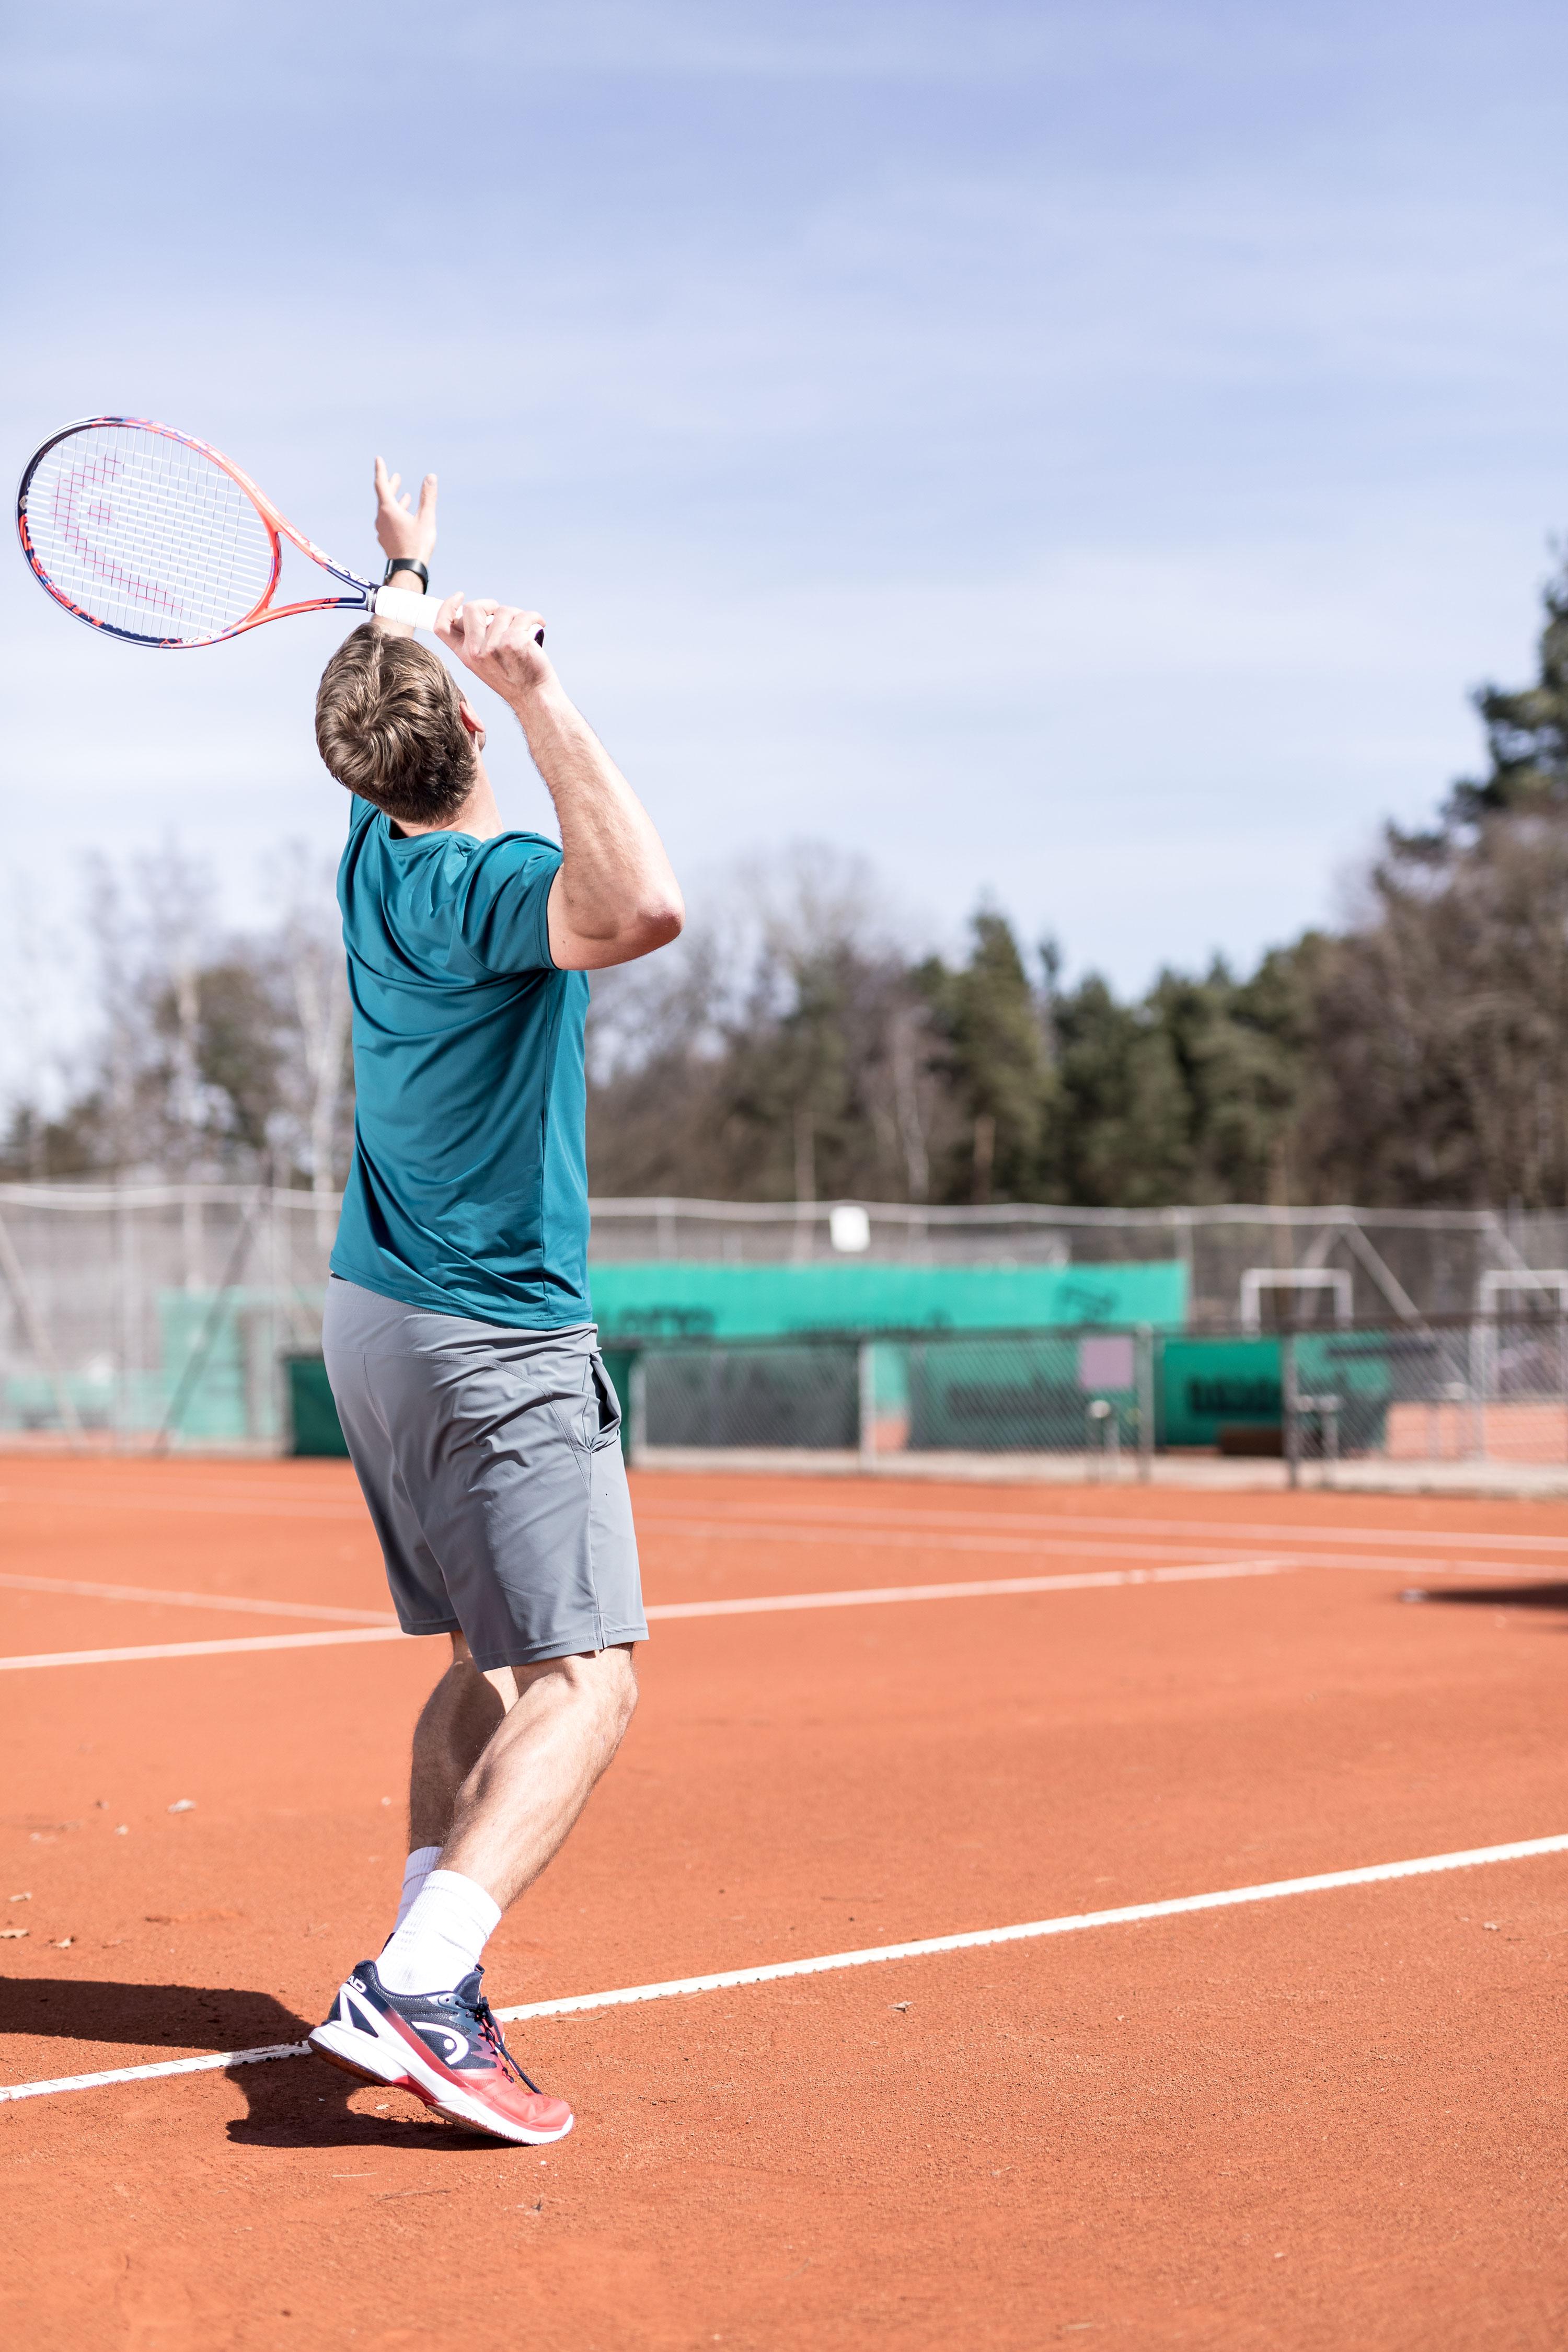 Tennisspieler aus anderen Tennisspielen